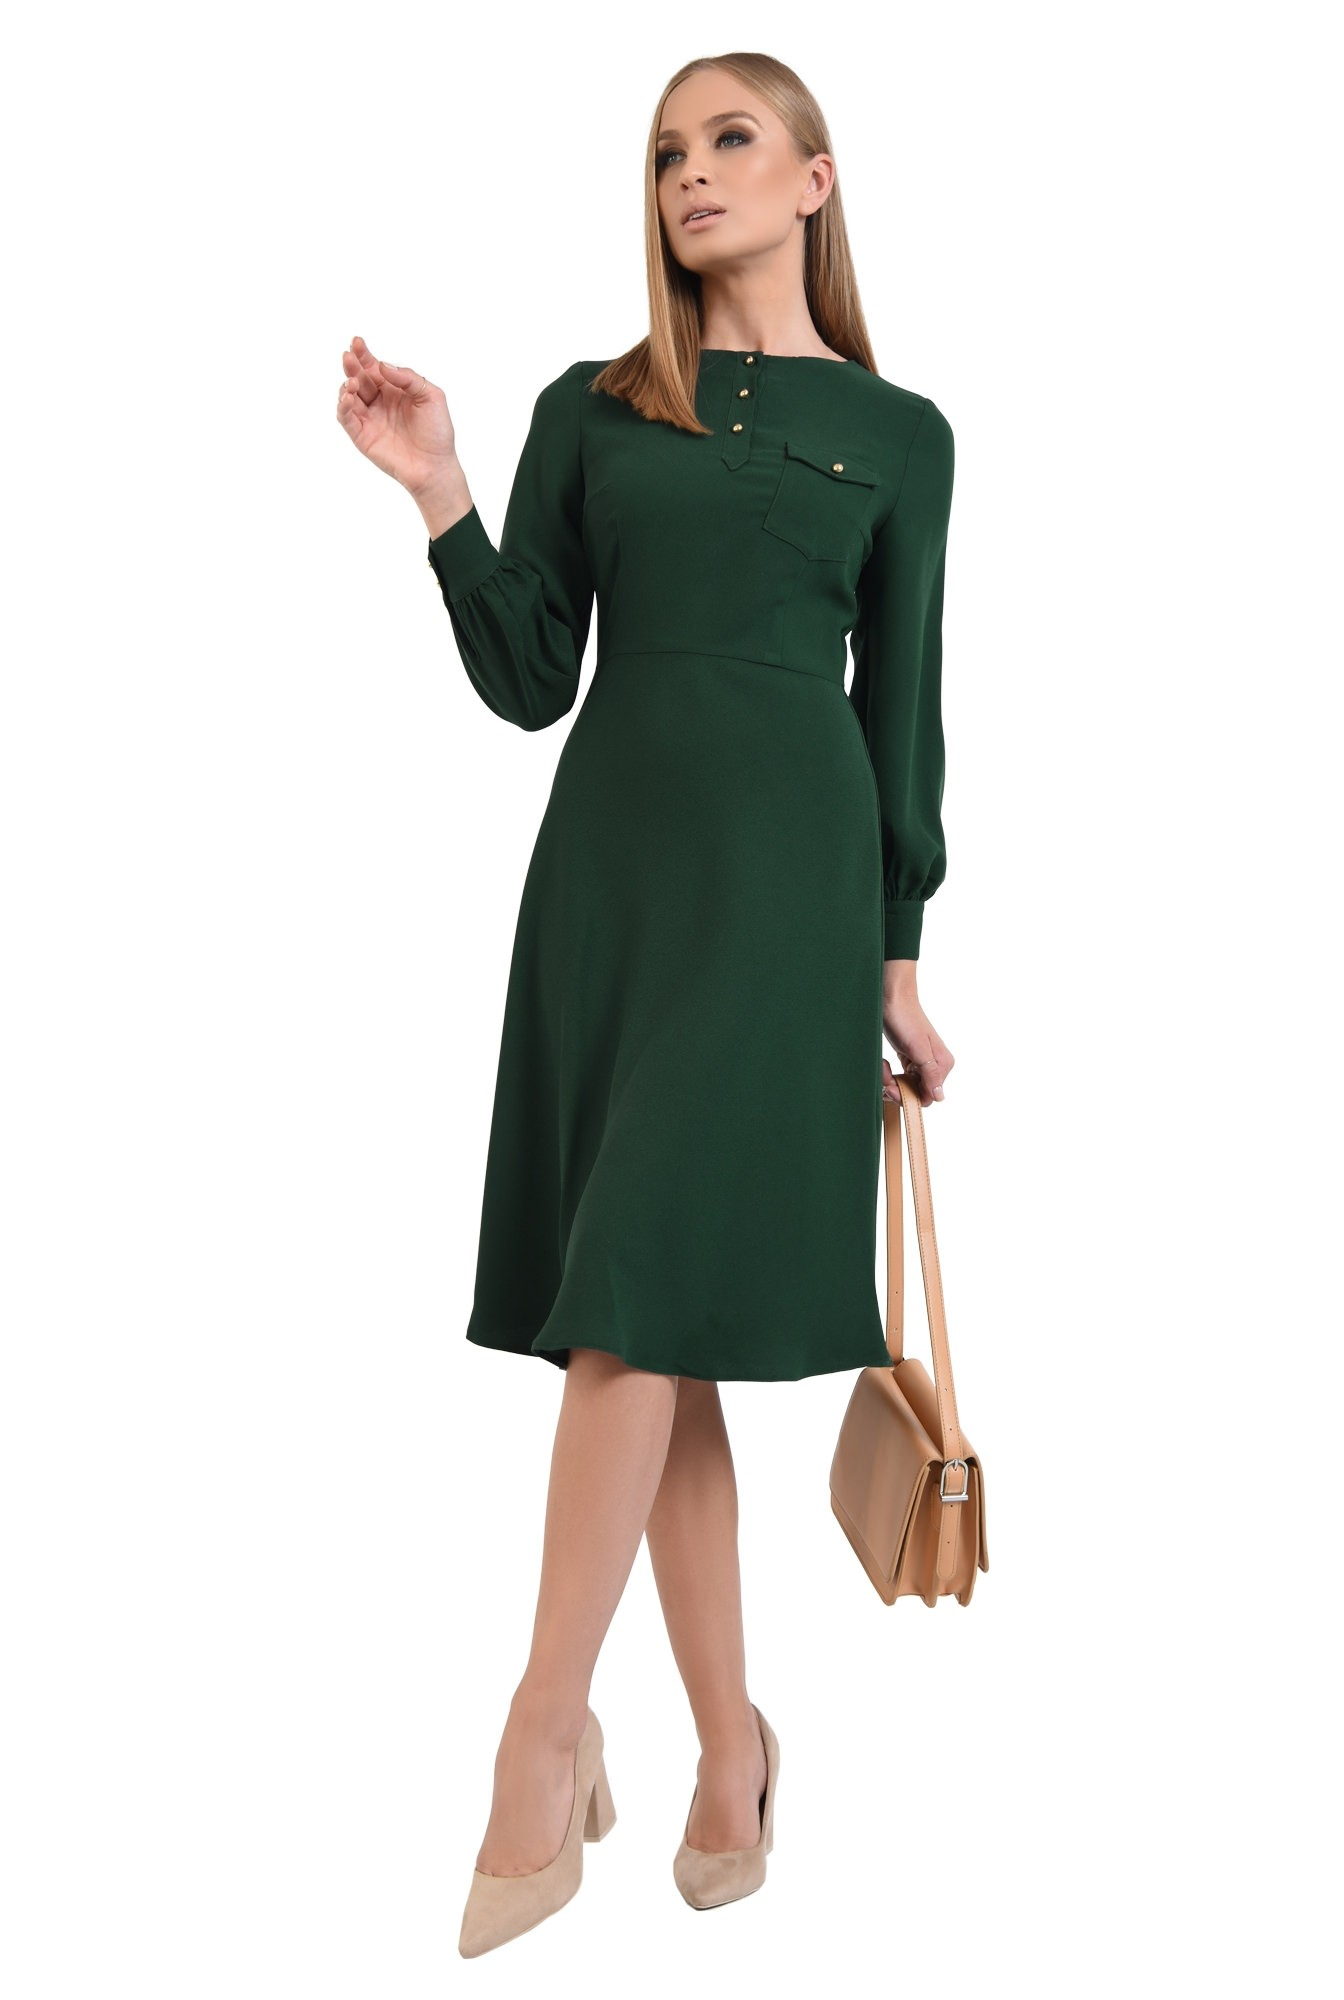 0 - rochie de zi, verde, midi, maneci lungi